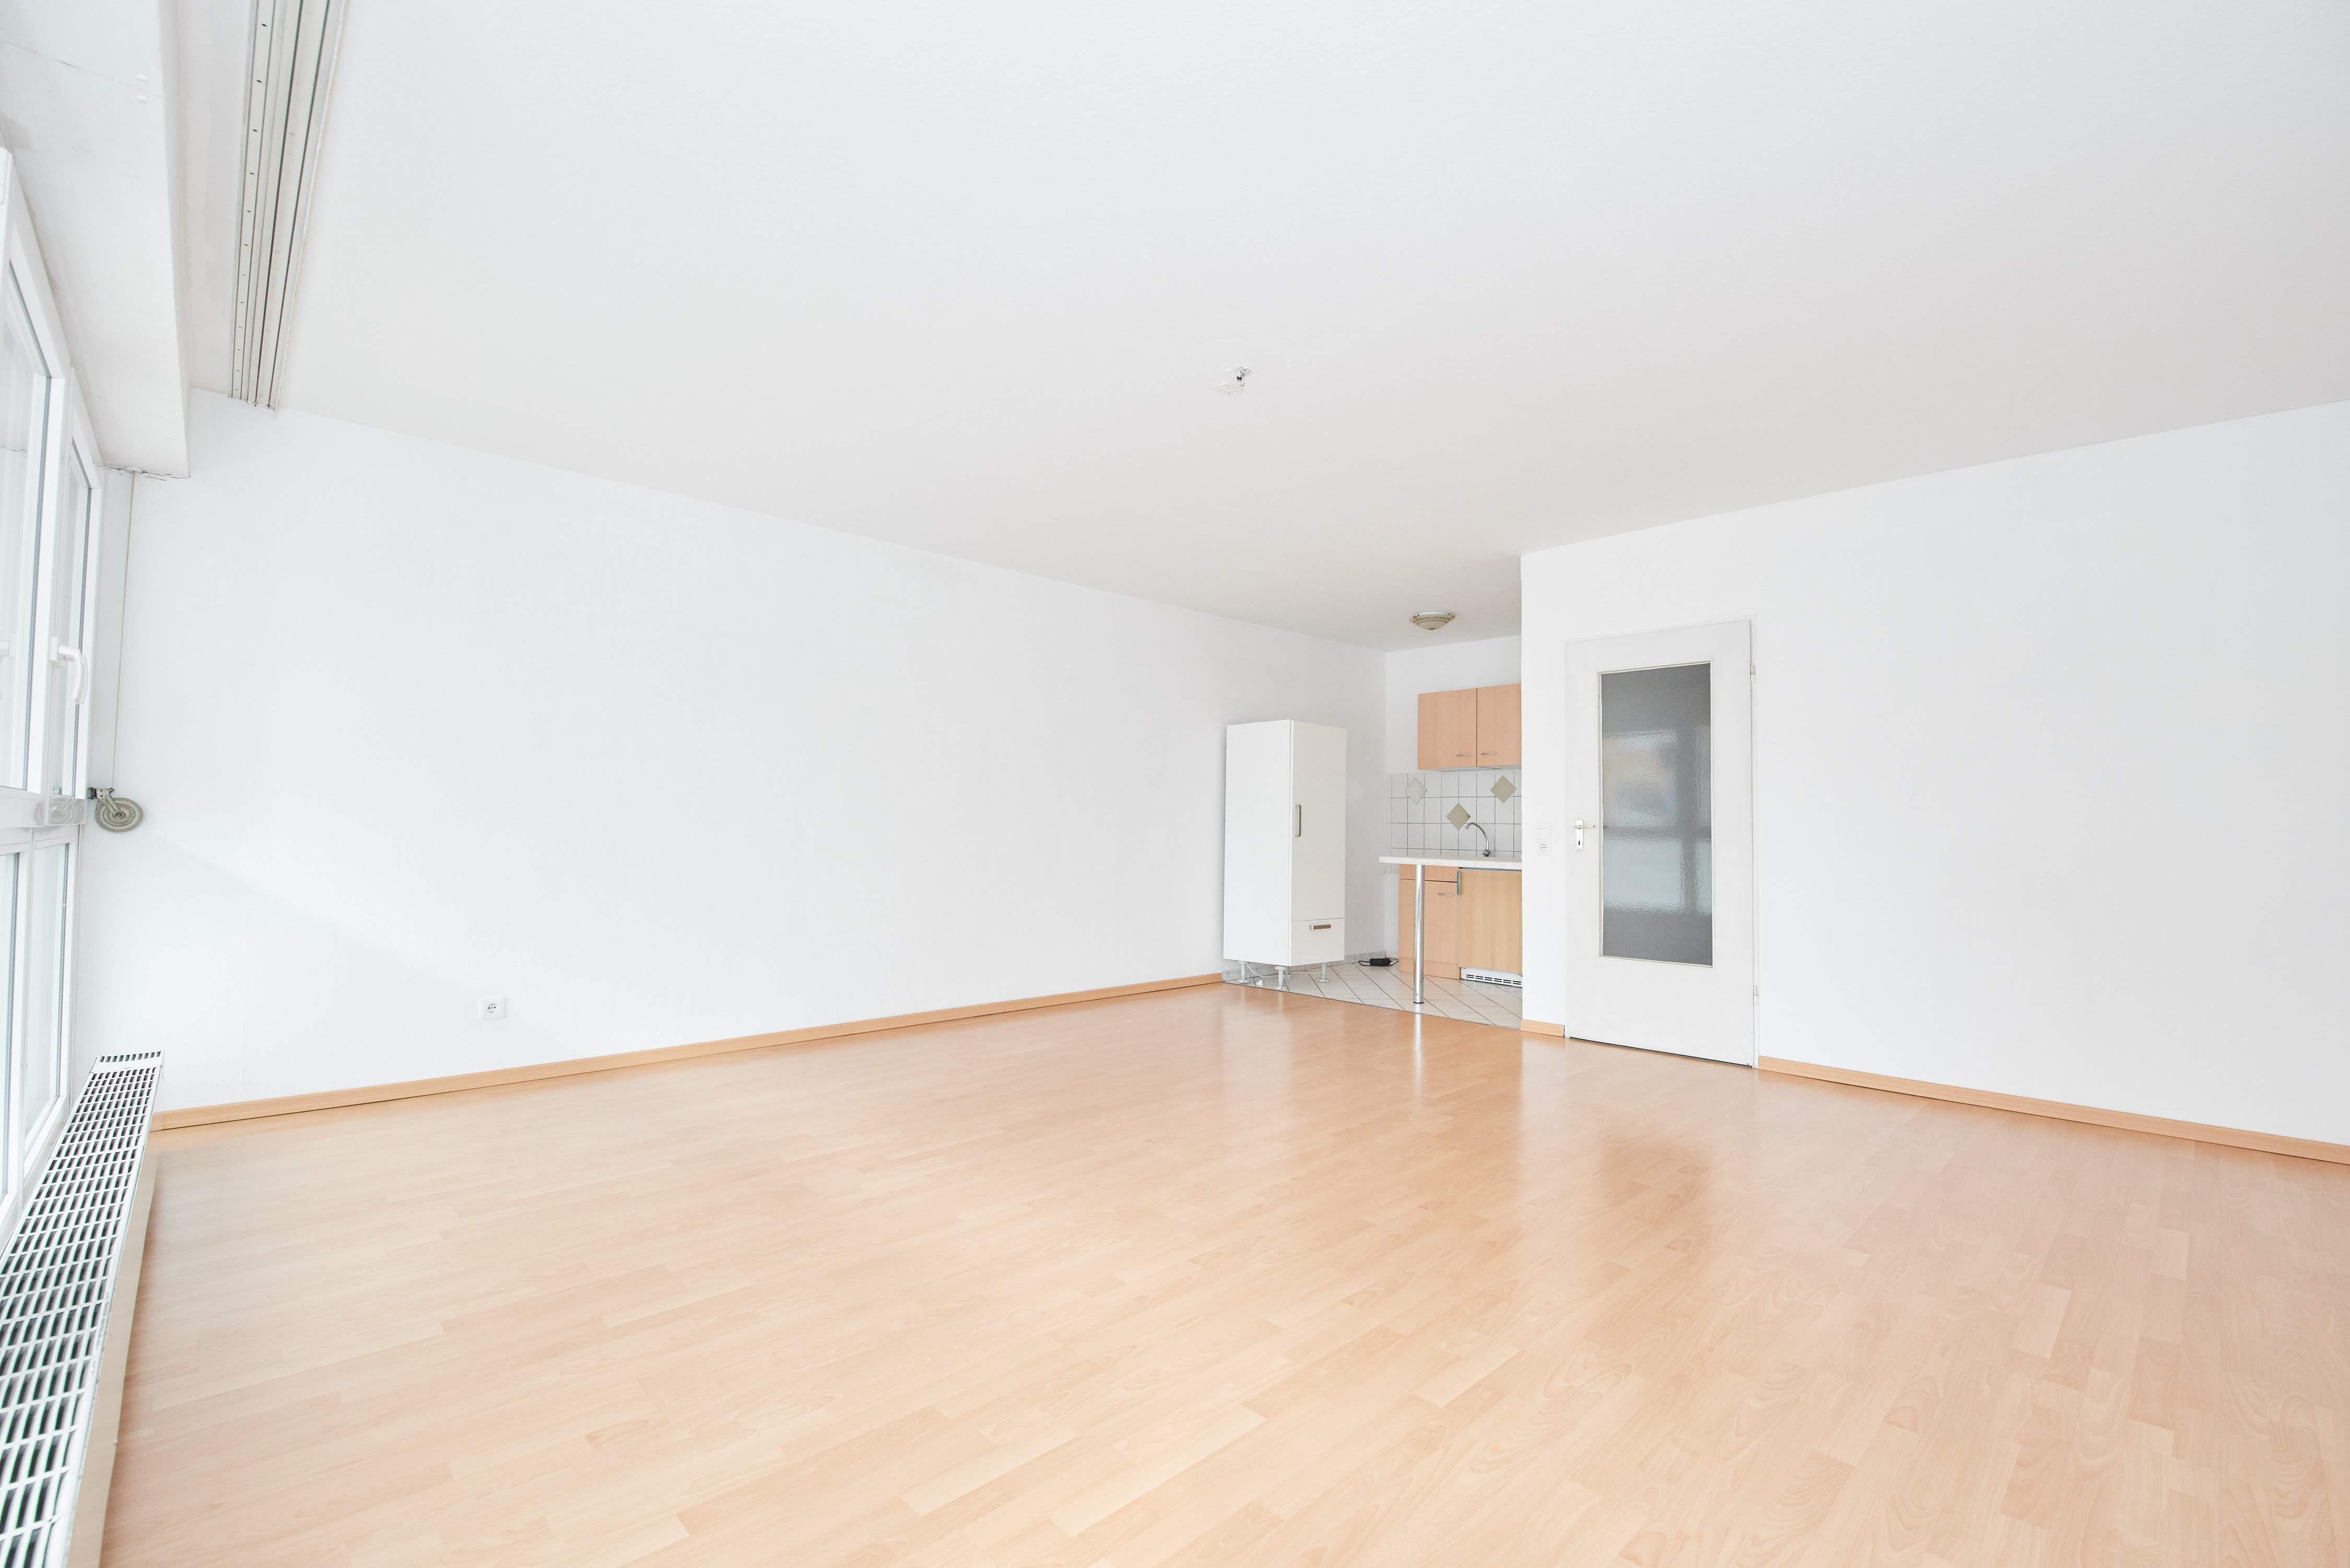 Das Bieterverfahren Der 1 Zimmer Wohnung In Der Karlsruher Oststadt Ist Beendet W4 Immobili Immobilien Immobilienmakler Gewerbeimmobilien